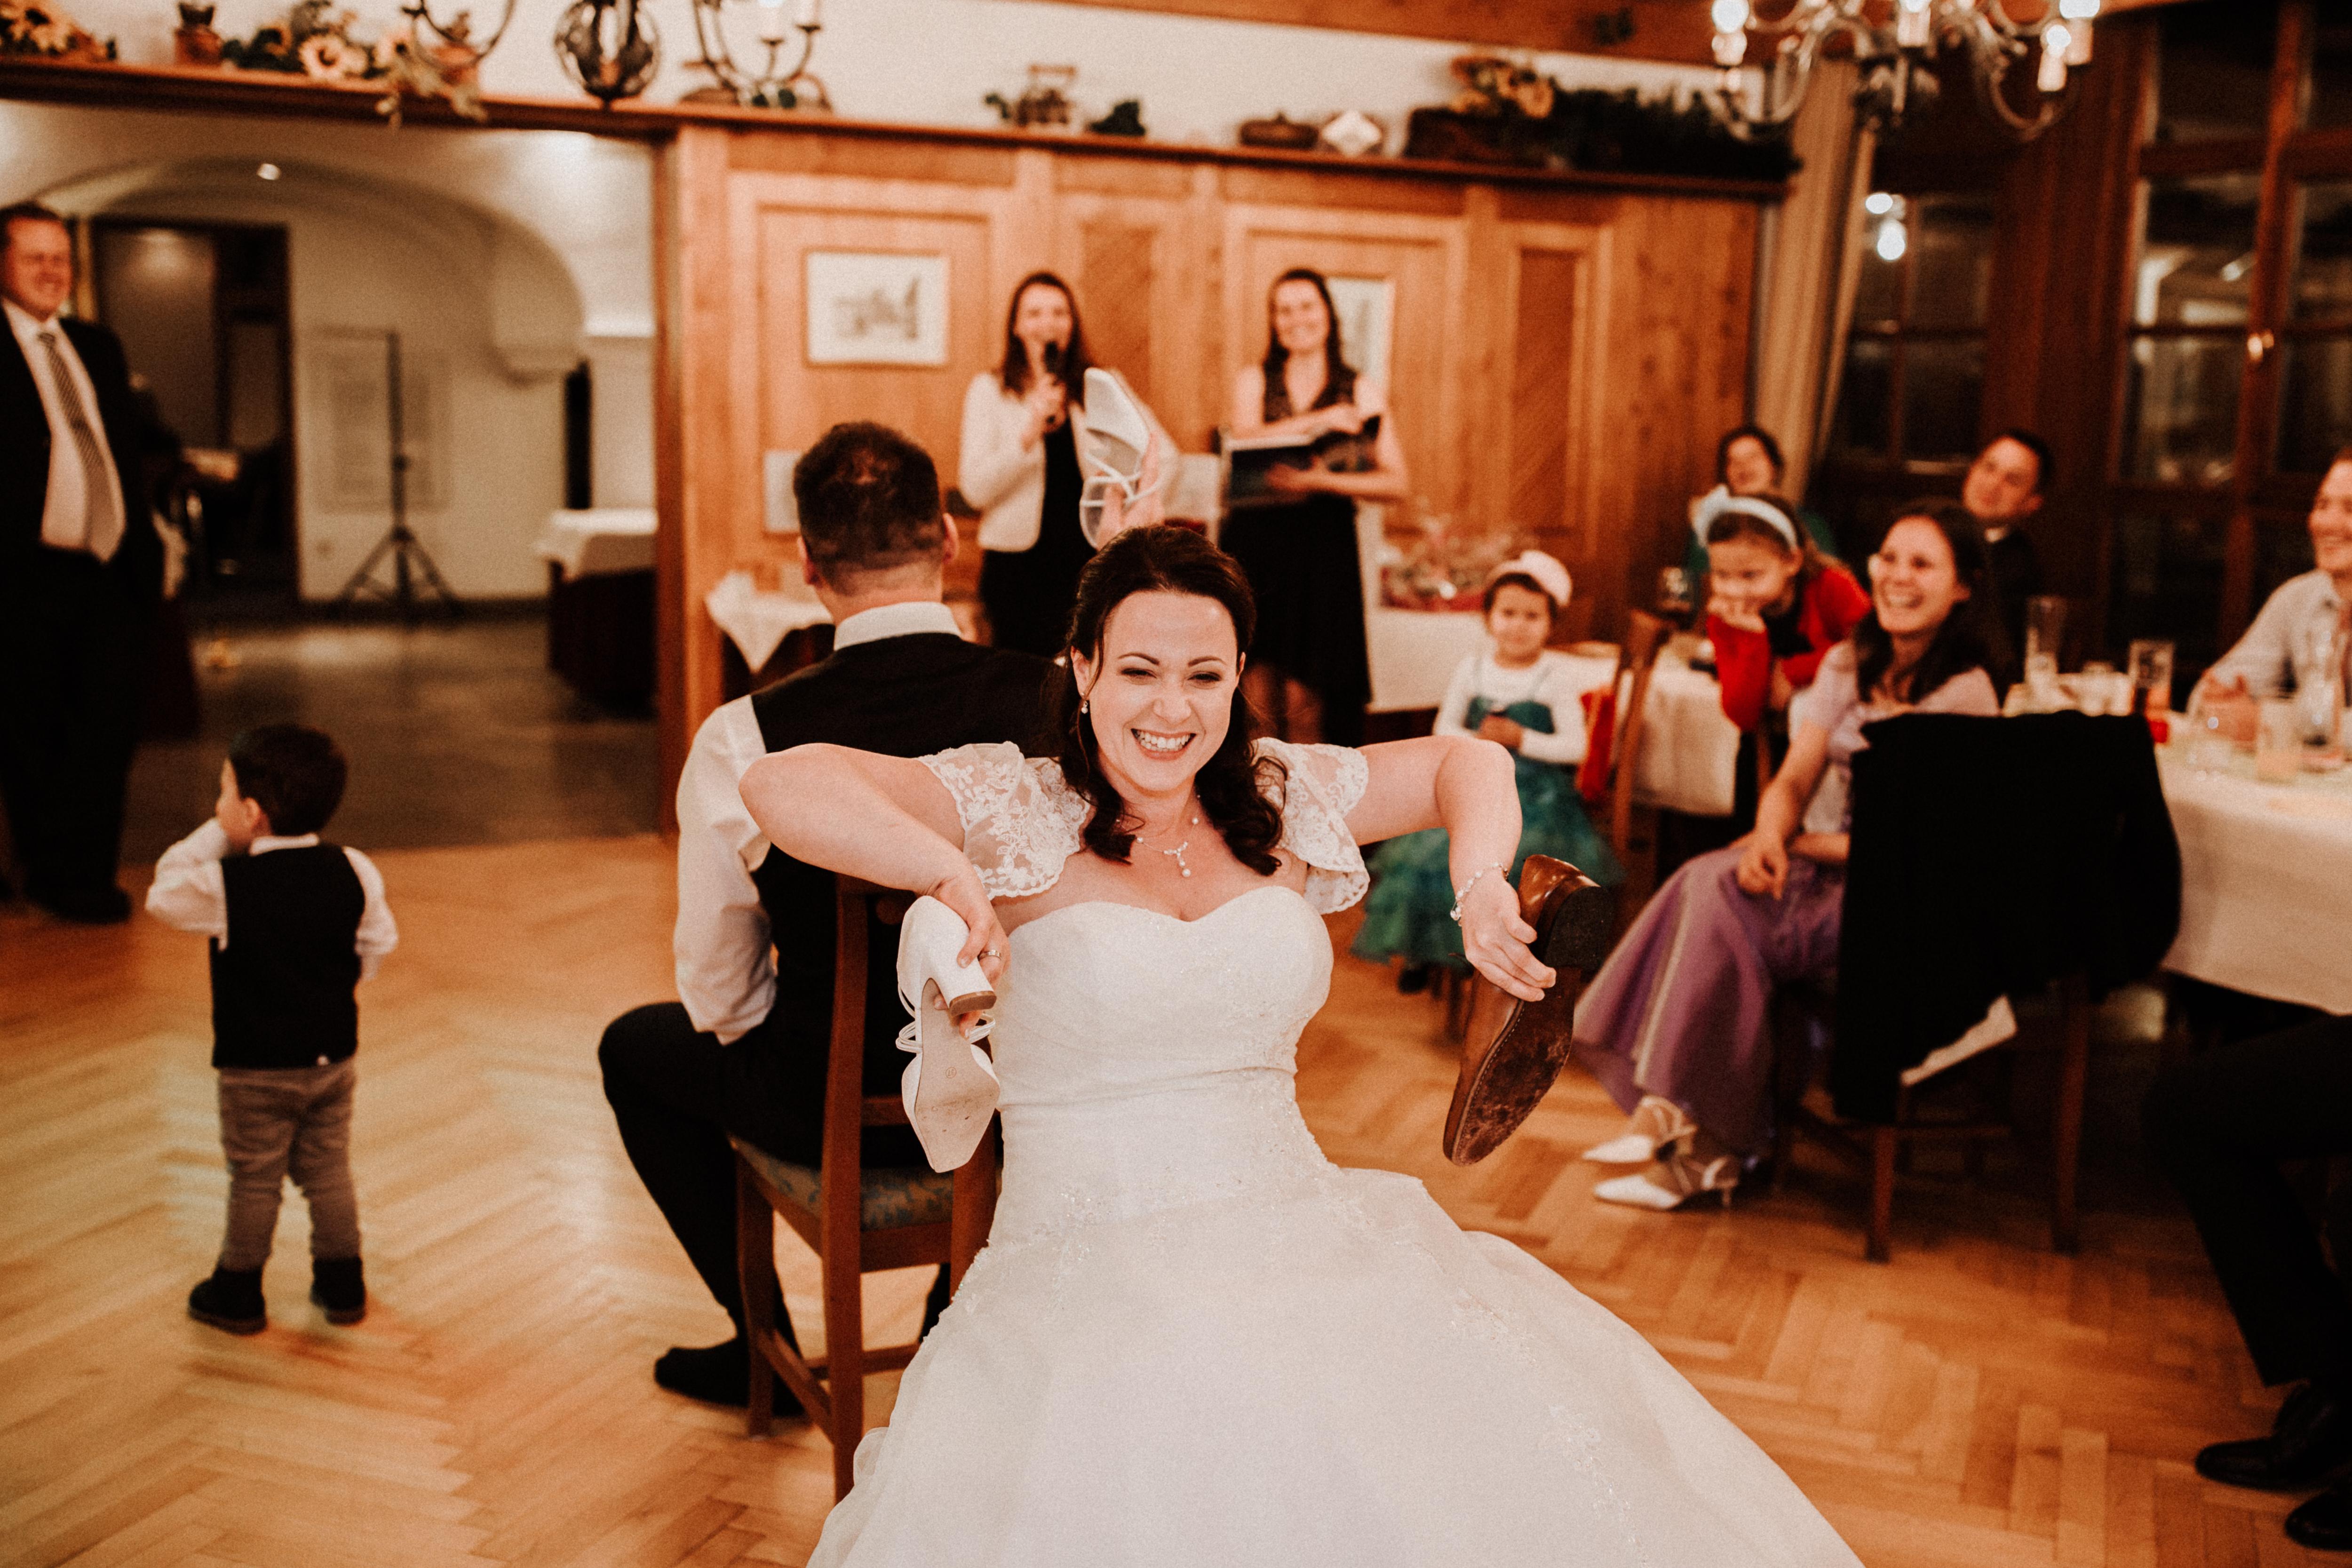 URBANERIE_Daniela_Goth_Hochzeitsfotografin_Nürnberg_Fürth_Erlangen_Schwabach_171007_1740